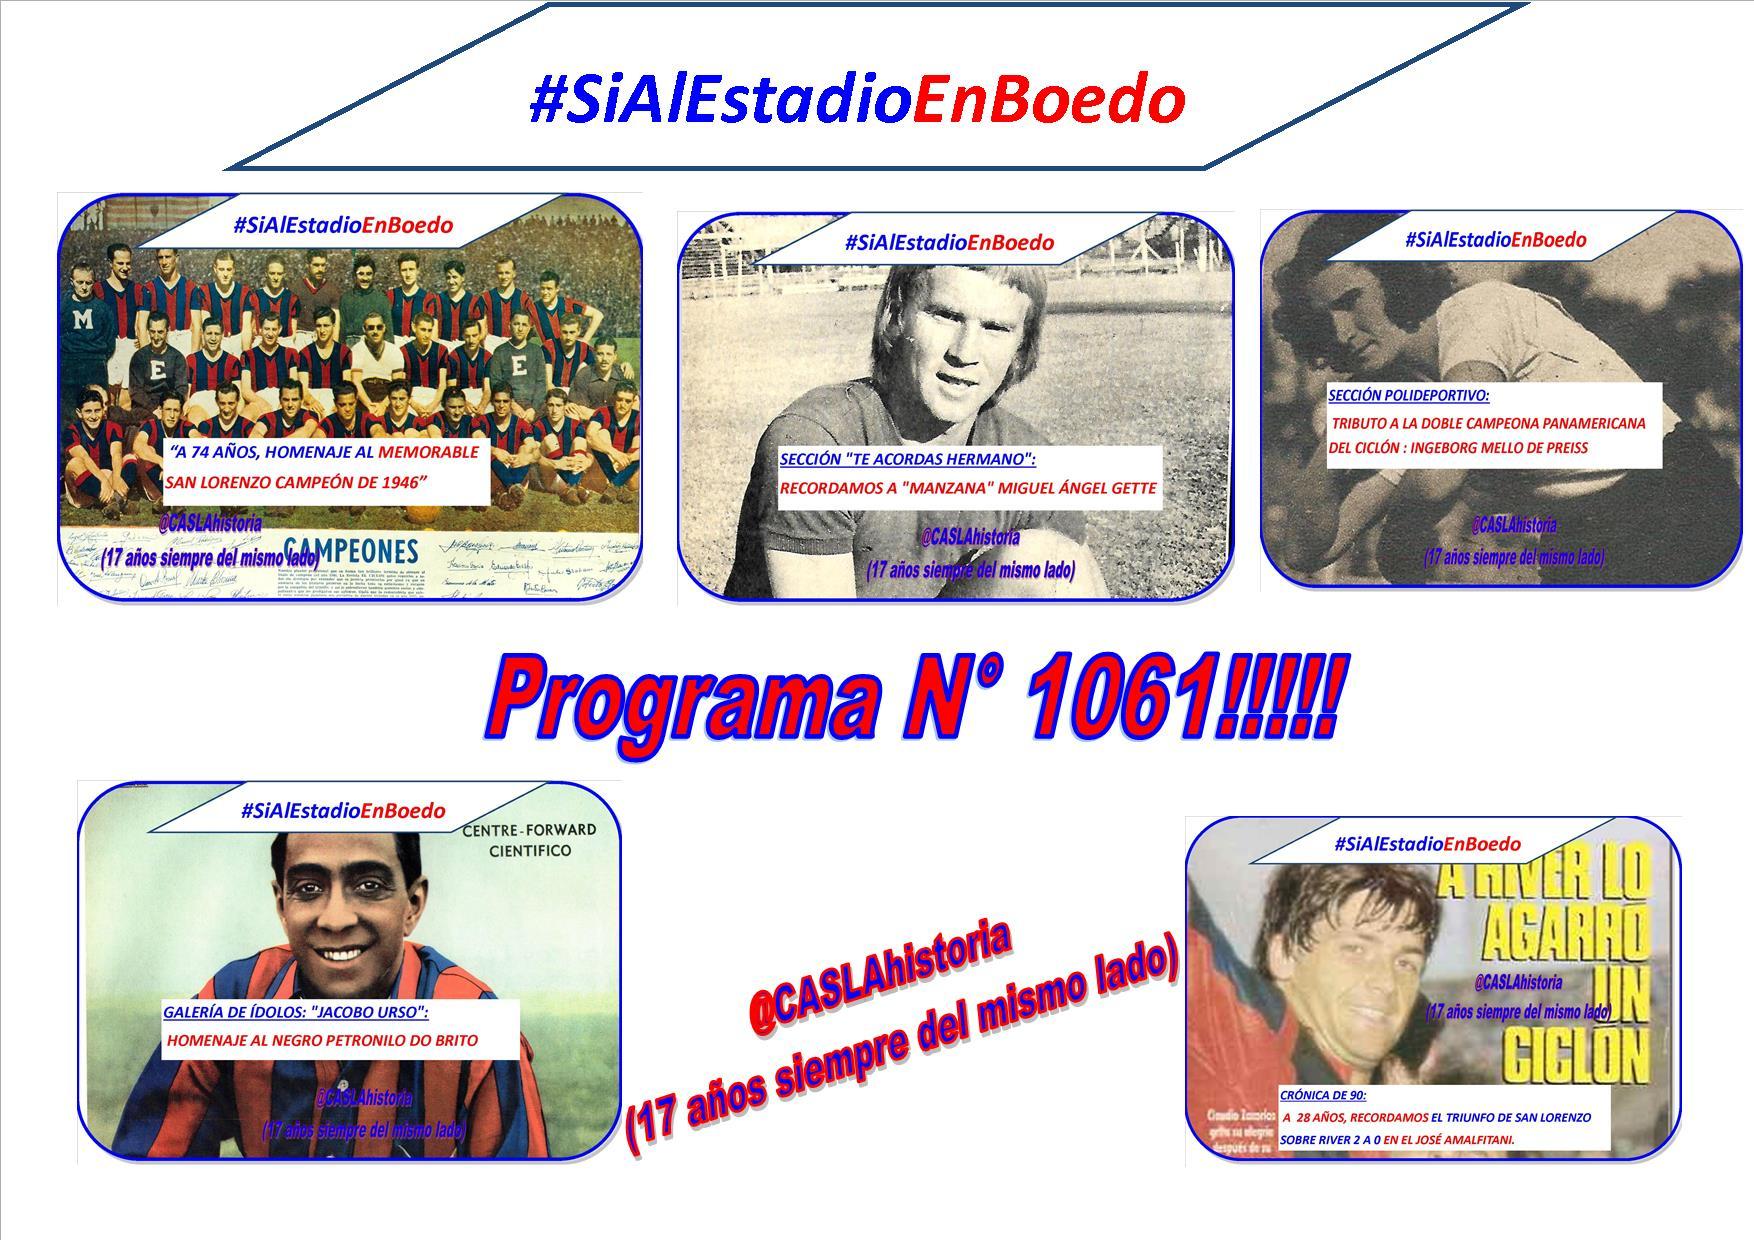 Programa N° 1061. «El Memorable equipo del 46, Petronilo,Manzana, De Preiss y Victoria en Liniers»